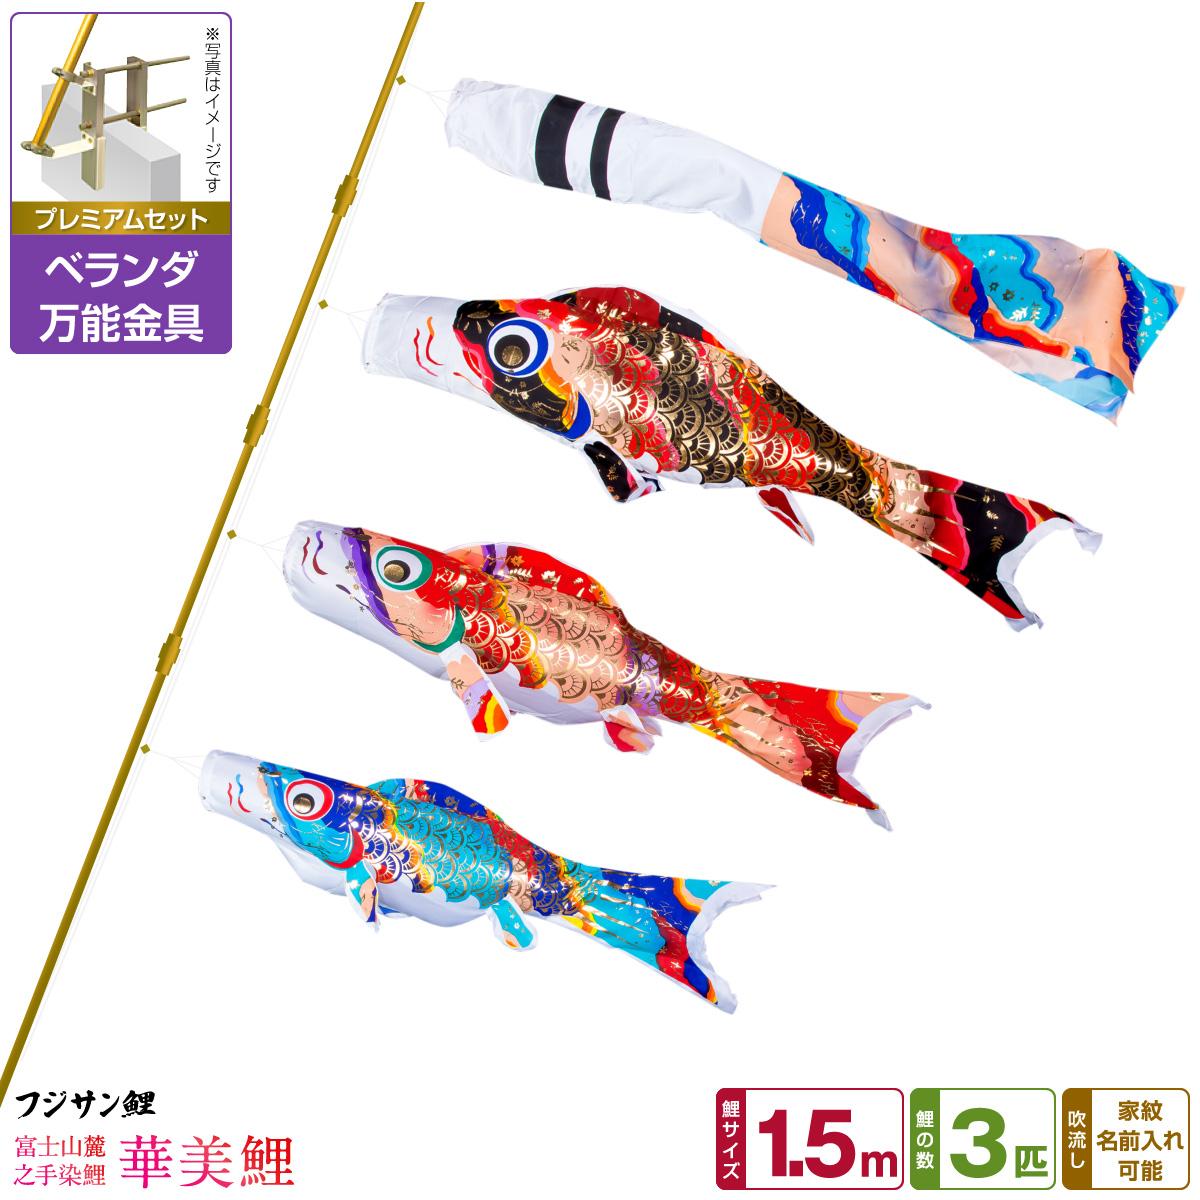 ベランダ用 こいのぼり 鯉のぼり フジサン鯉 華美鯉 1.5m 6点(吹流し+鯉3匹+矢車+ロープ)/プレミアムセット(万能取付金具)